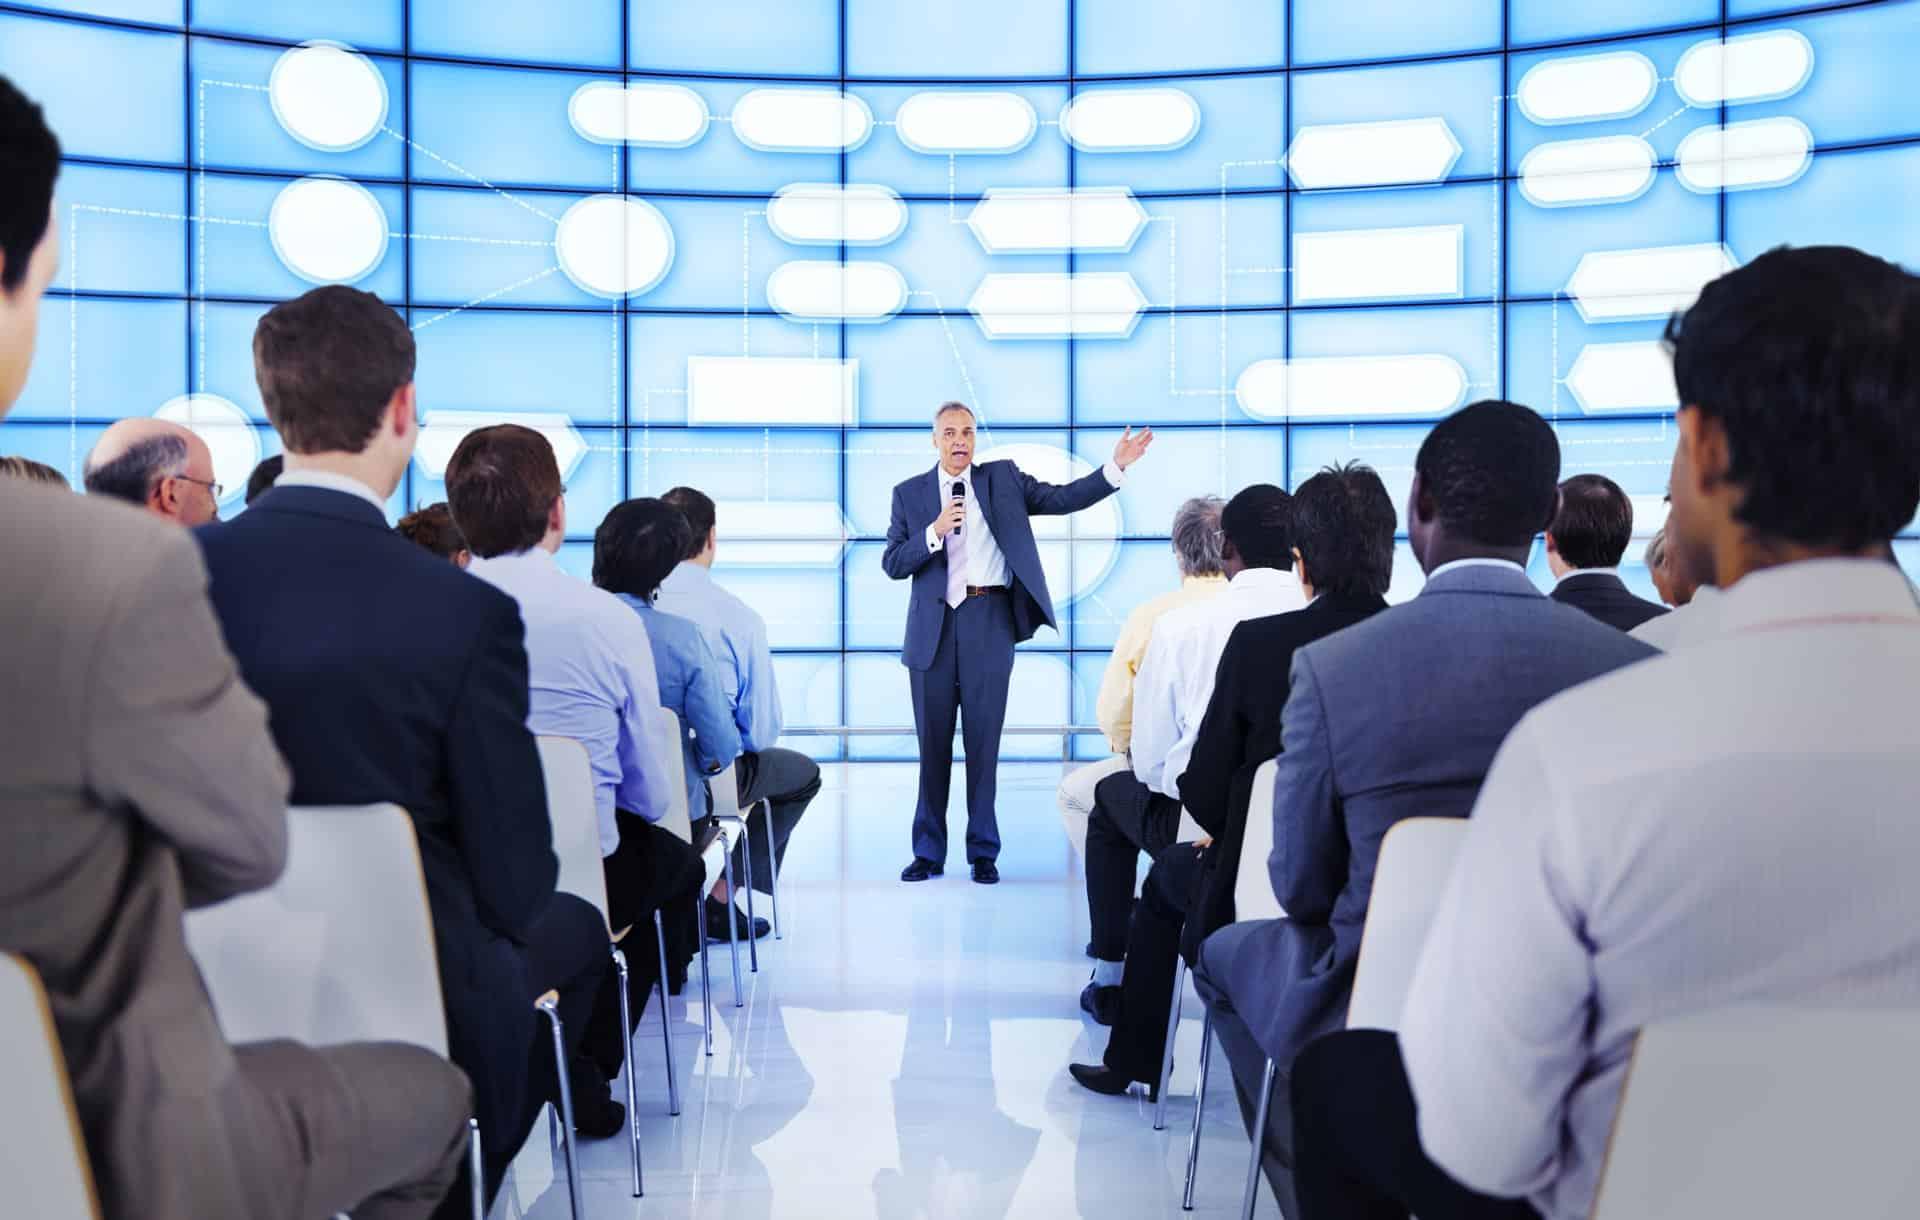 الثقة بالنفس ومهارات التحدث امام الجمهور